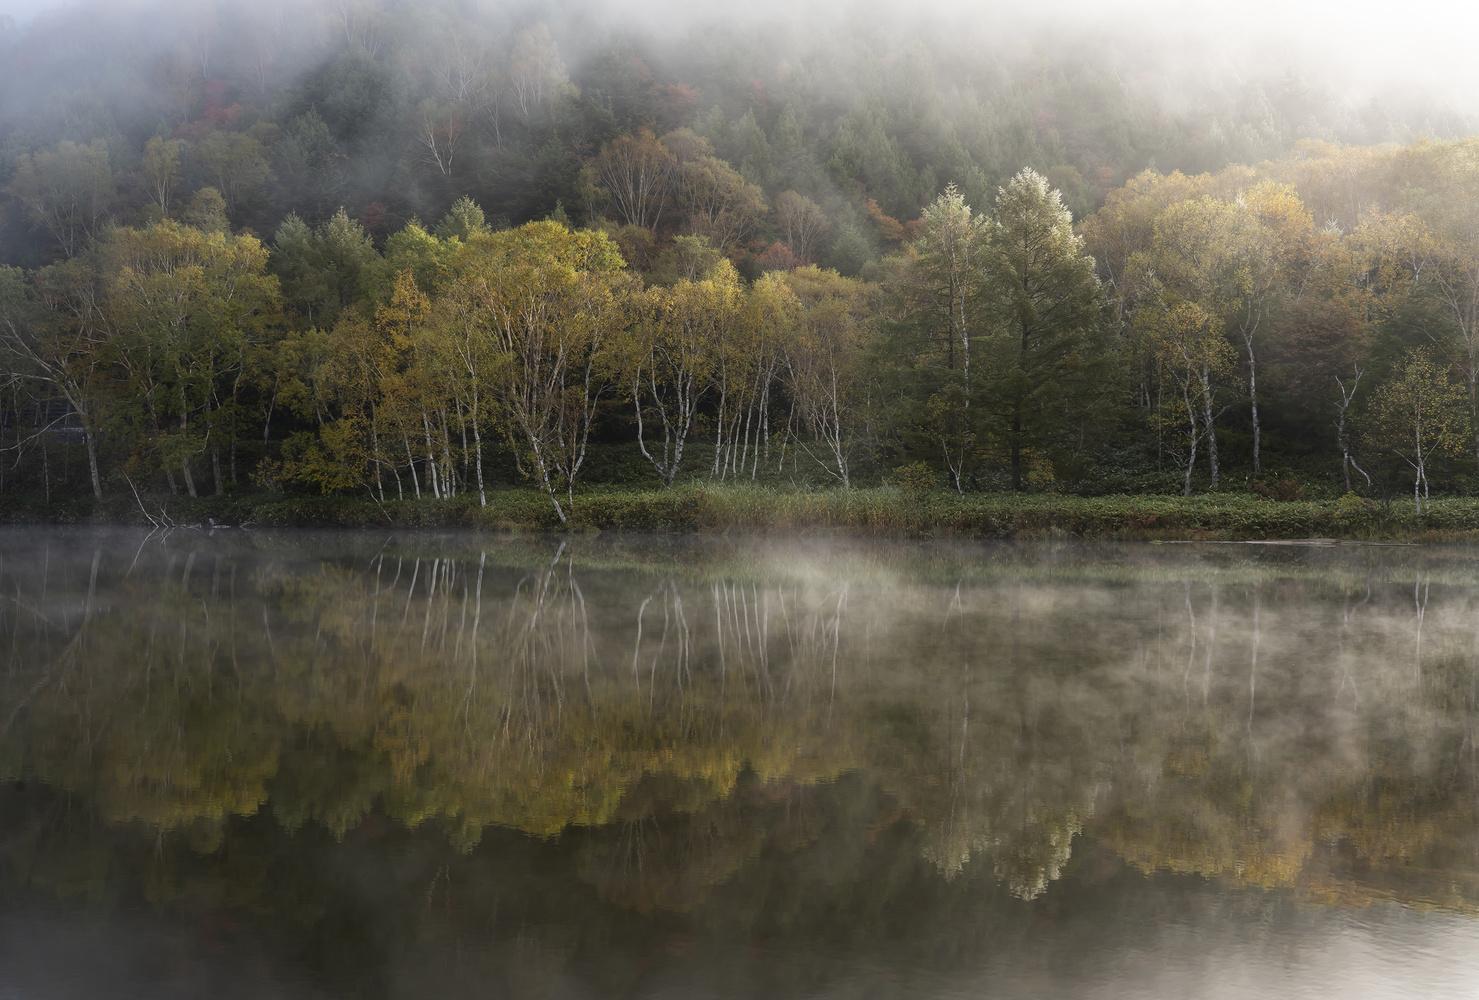 Misty scenery by kousuke kitajima